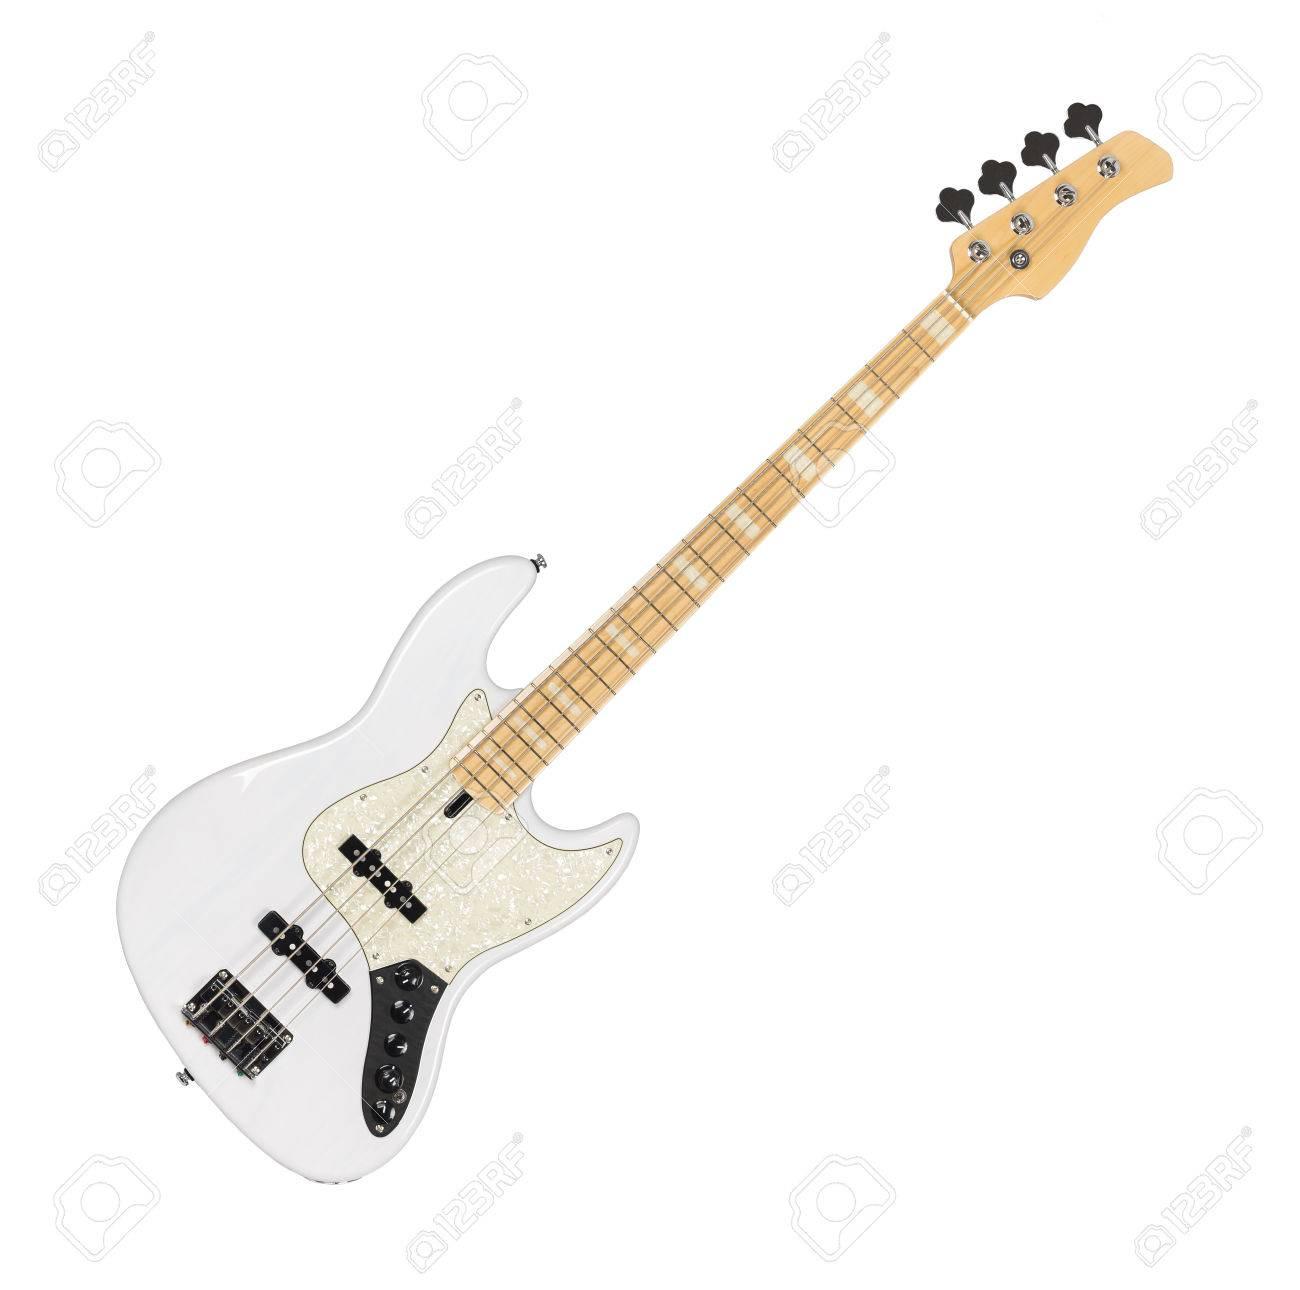 Weiße E-Bass-Gitarre Isoliert Auf Weißem Hintergrund Lizenzfreie ...